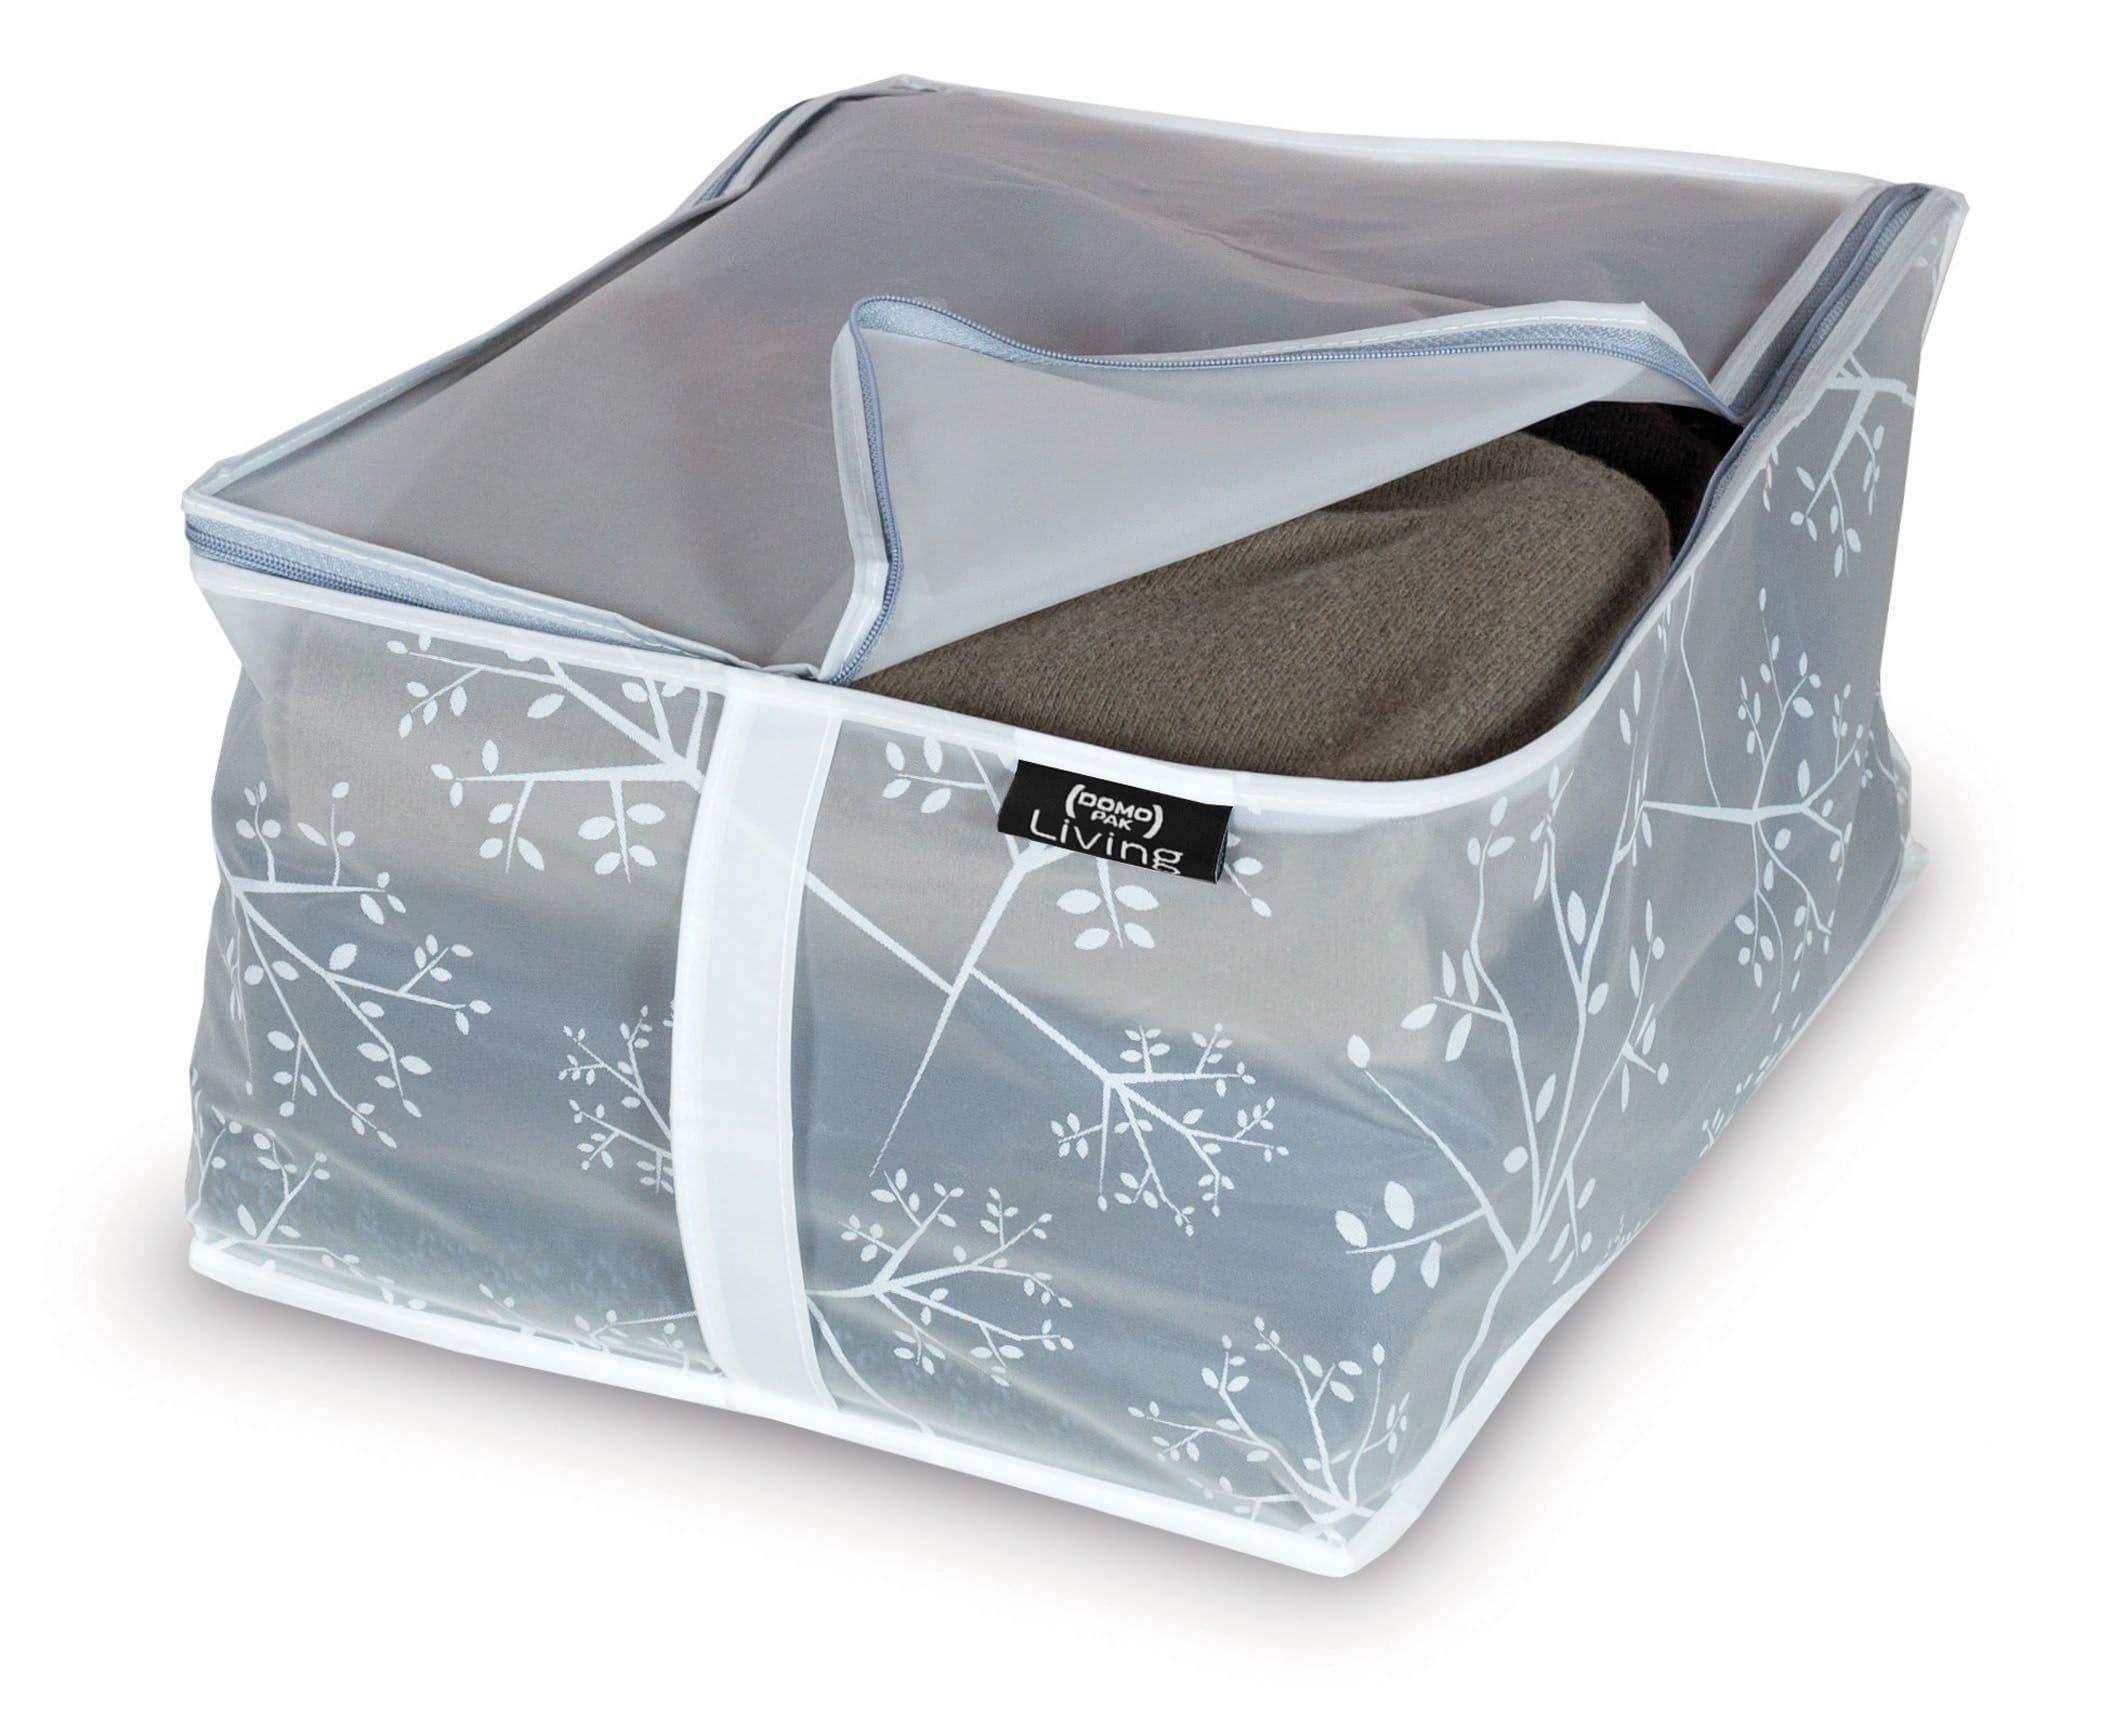 Organizator textil pliabil cu fermoar, Coper Transparent / Gri, L40xl30xH20 cm imagine